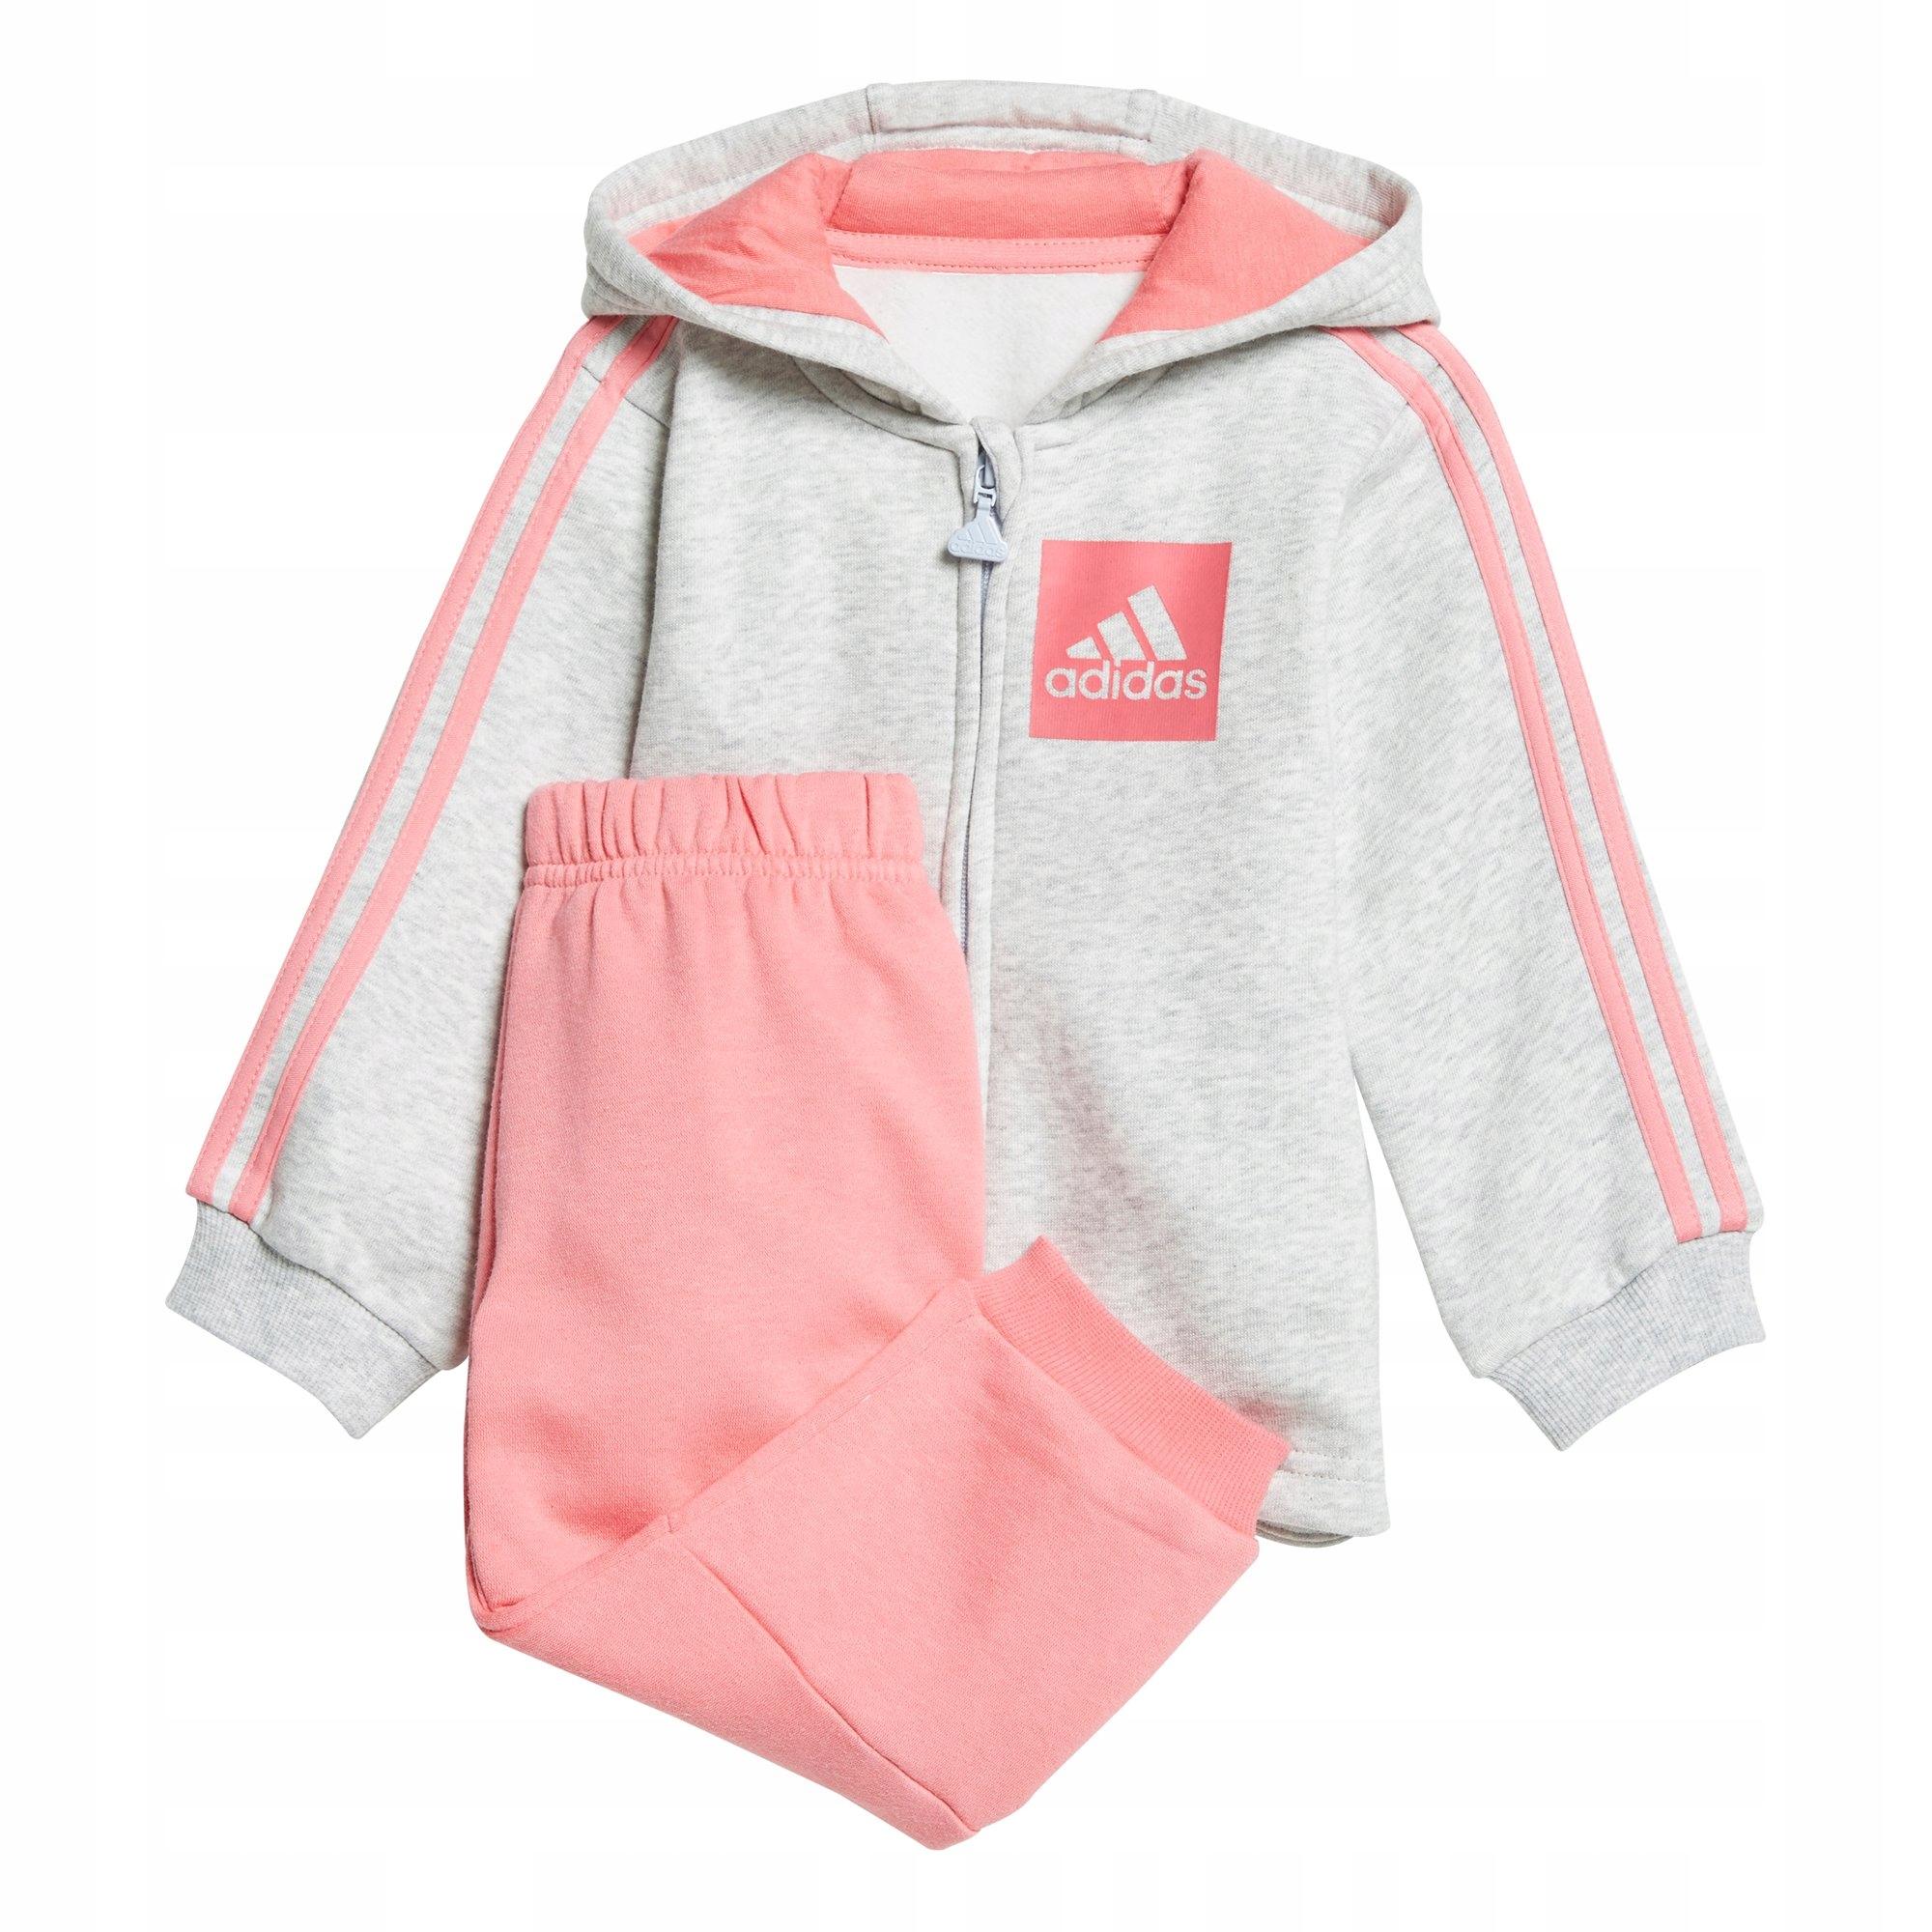 dres dziecięcy adidas r 98 CF7390 7497299275 oficjalne